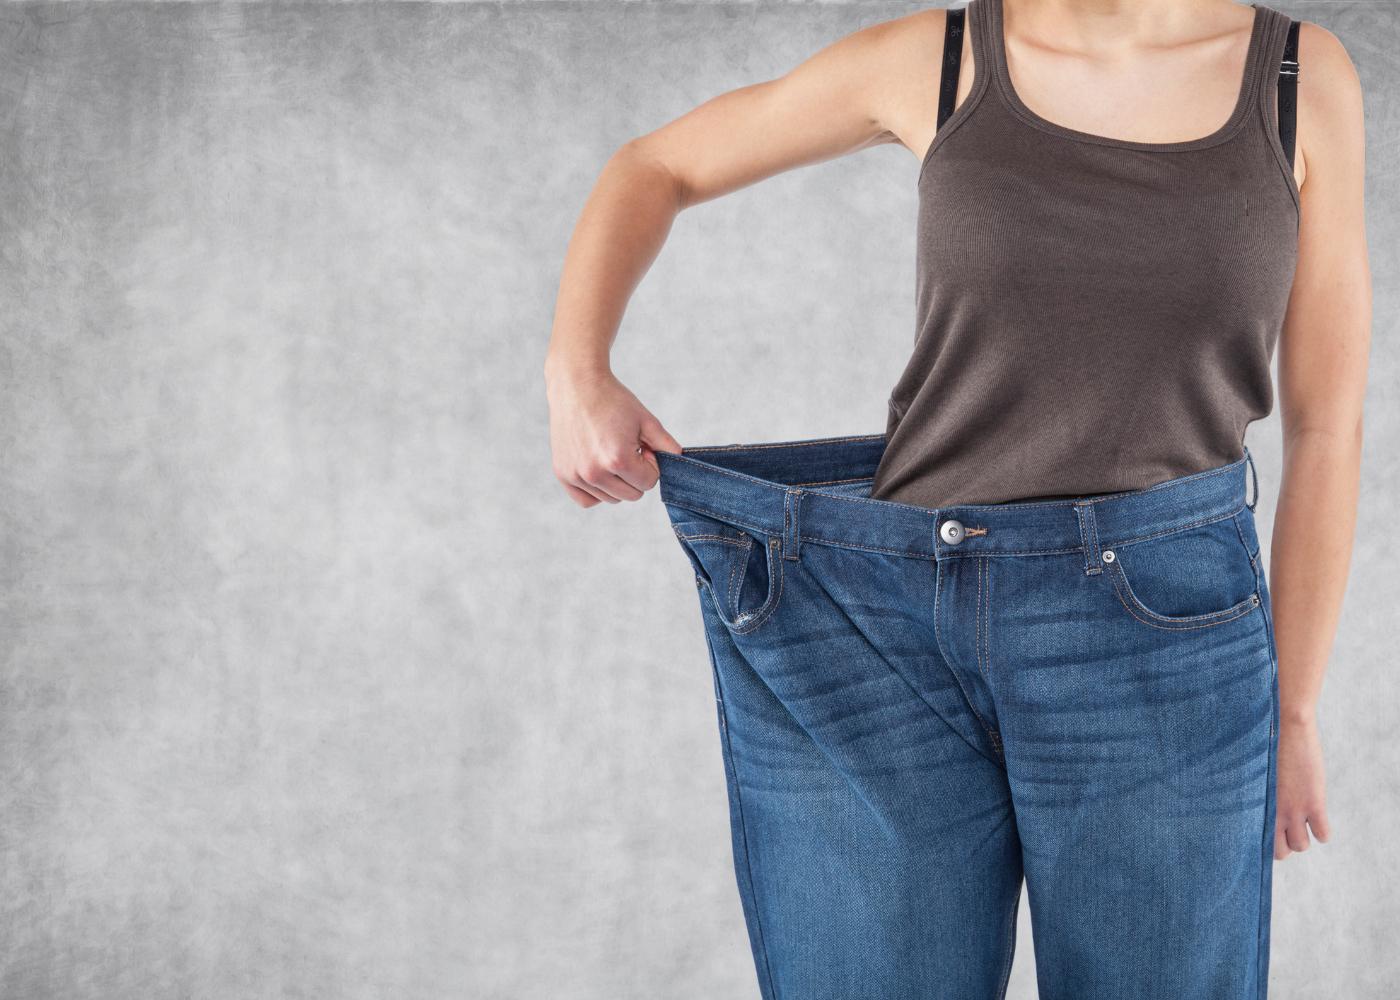 massa gorda mulher com perda de peso